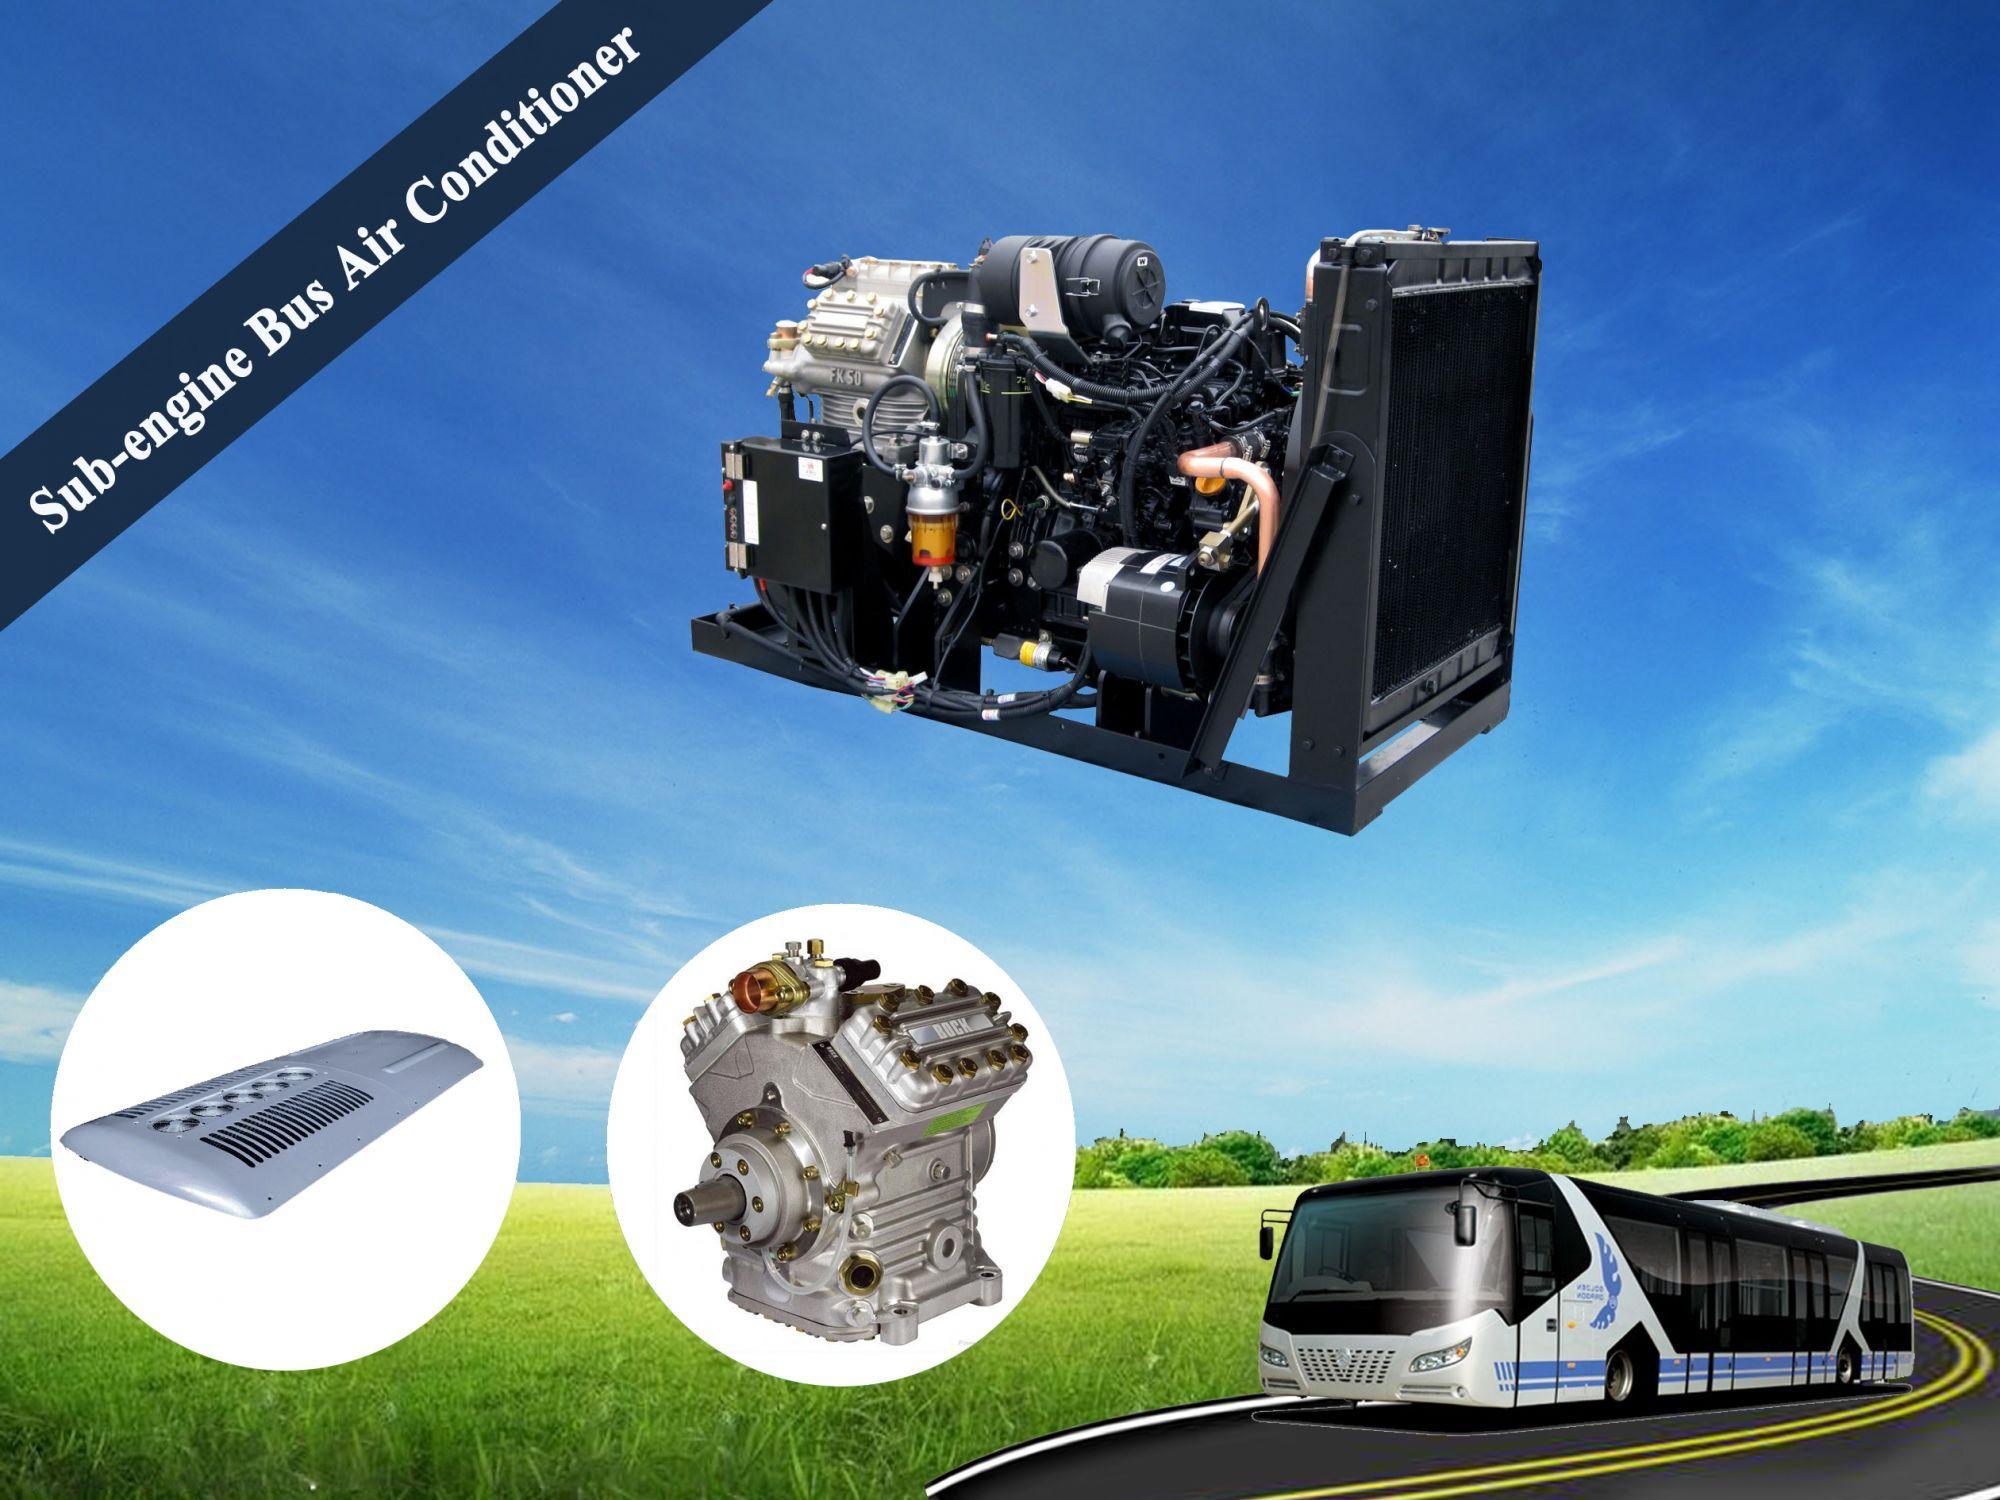 Sub Engine Bus Air Conditioner Bus Air Conditioner Air Conditioner Air Conditioning System Engineering